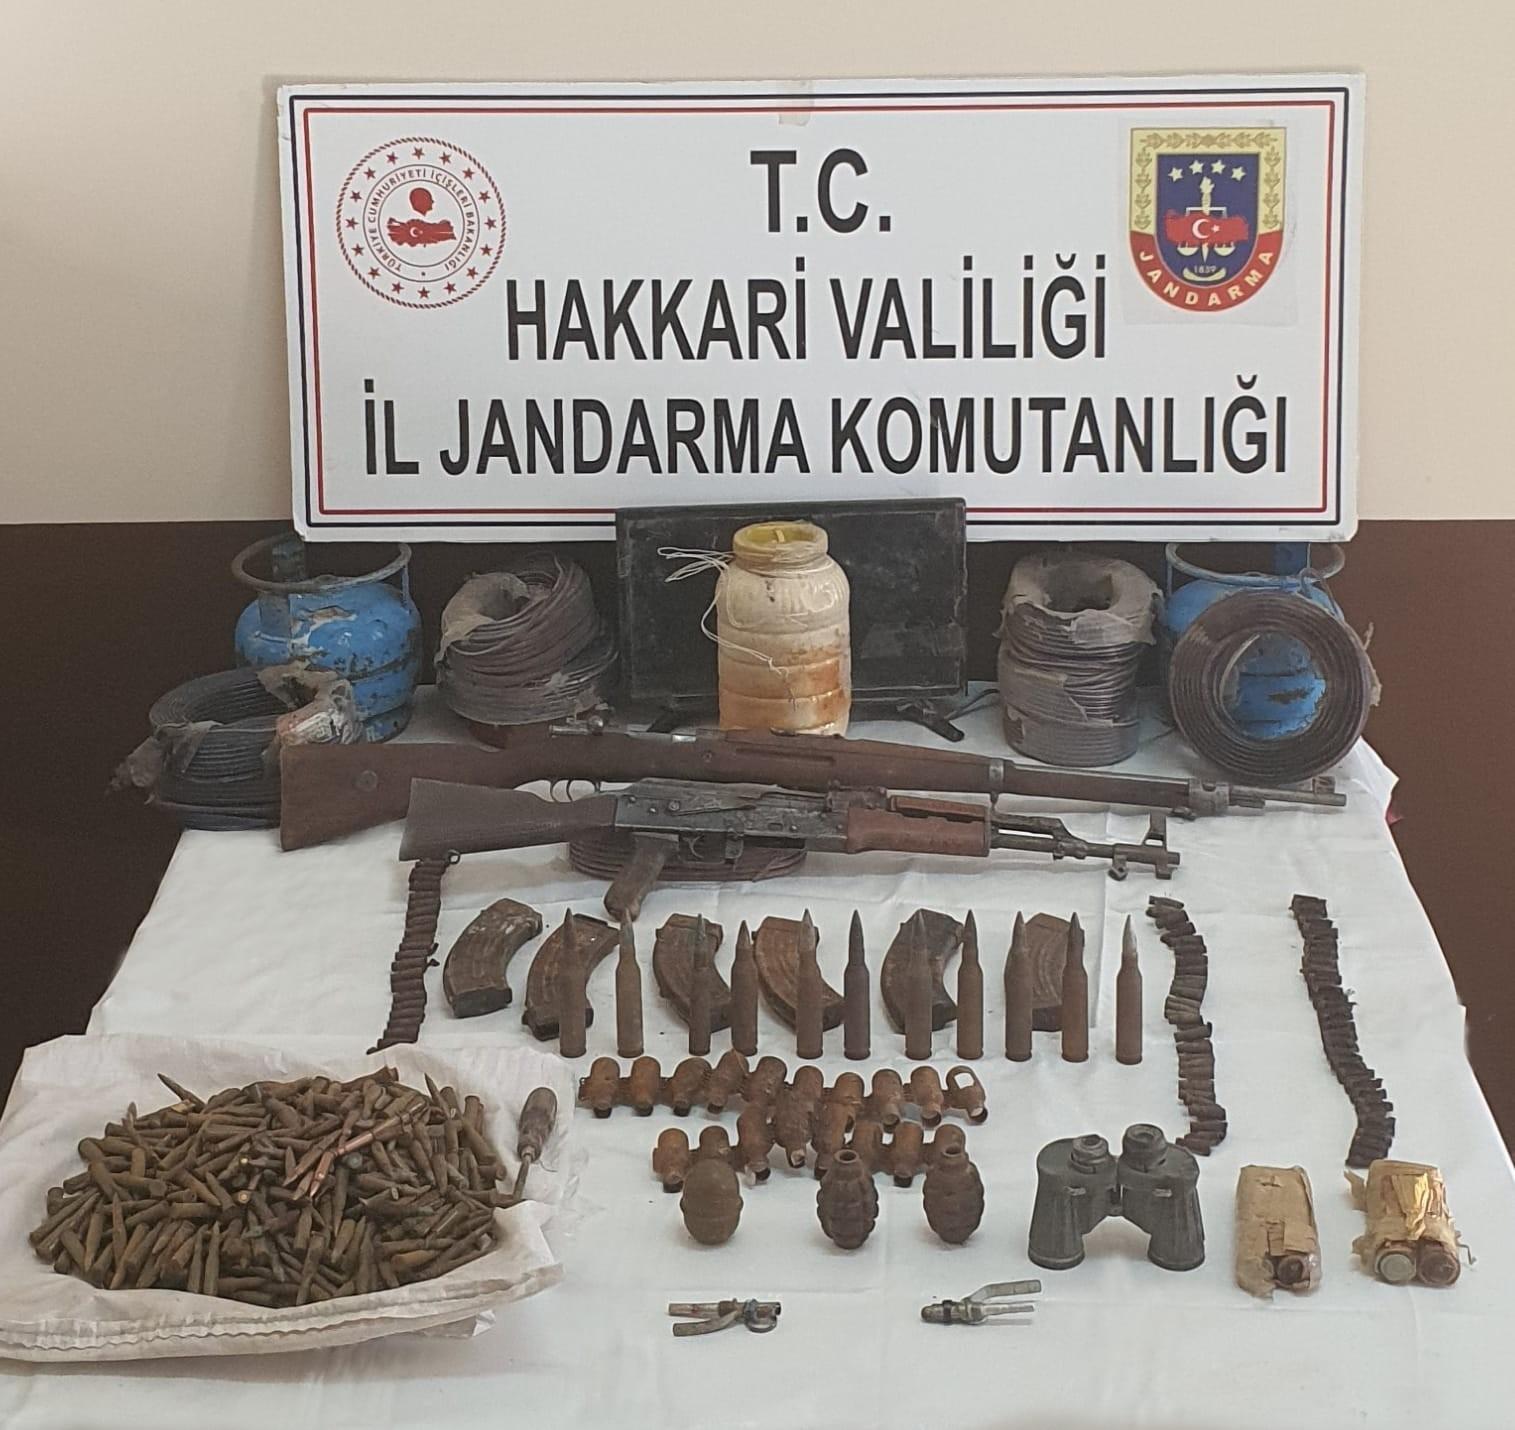 Mağarada silah ve mühimmat ele geçirildi #hakkari